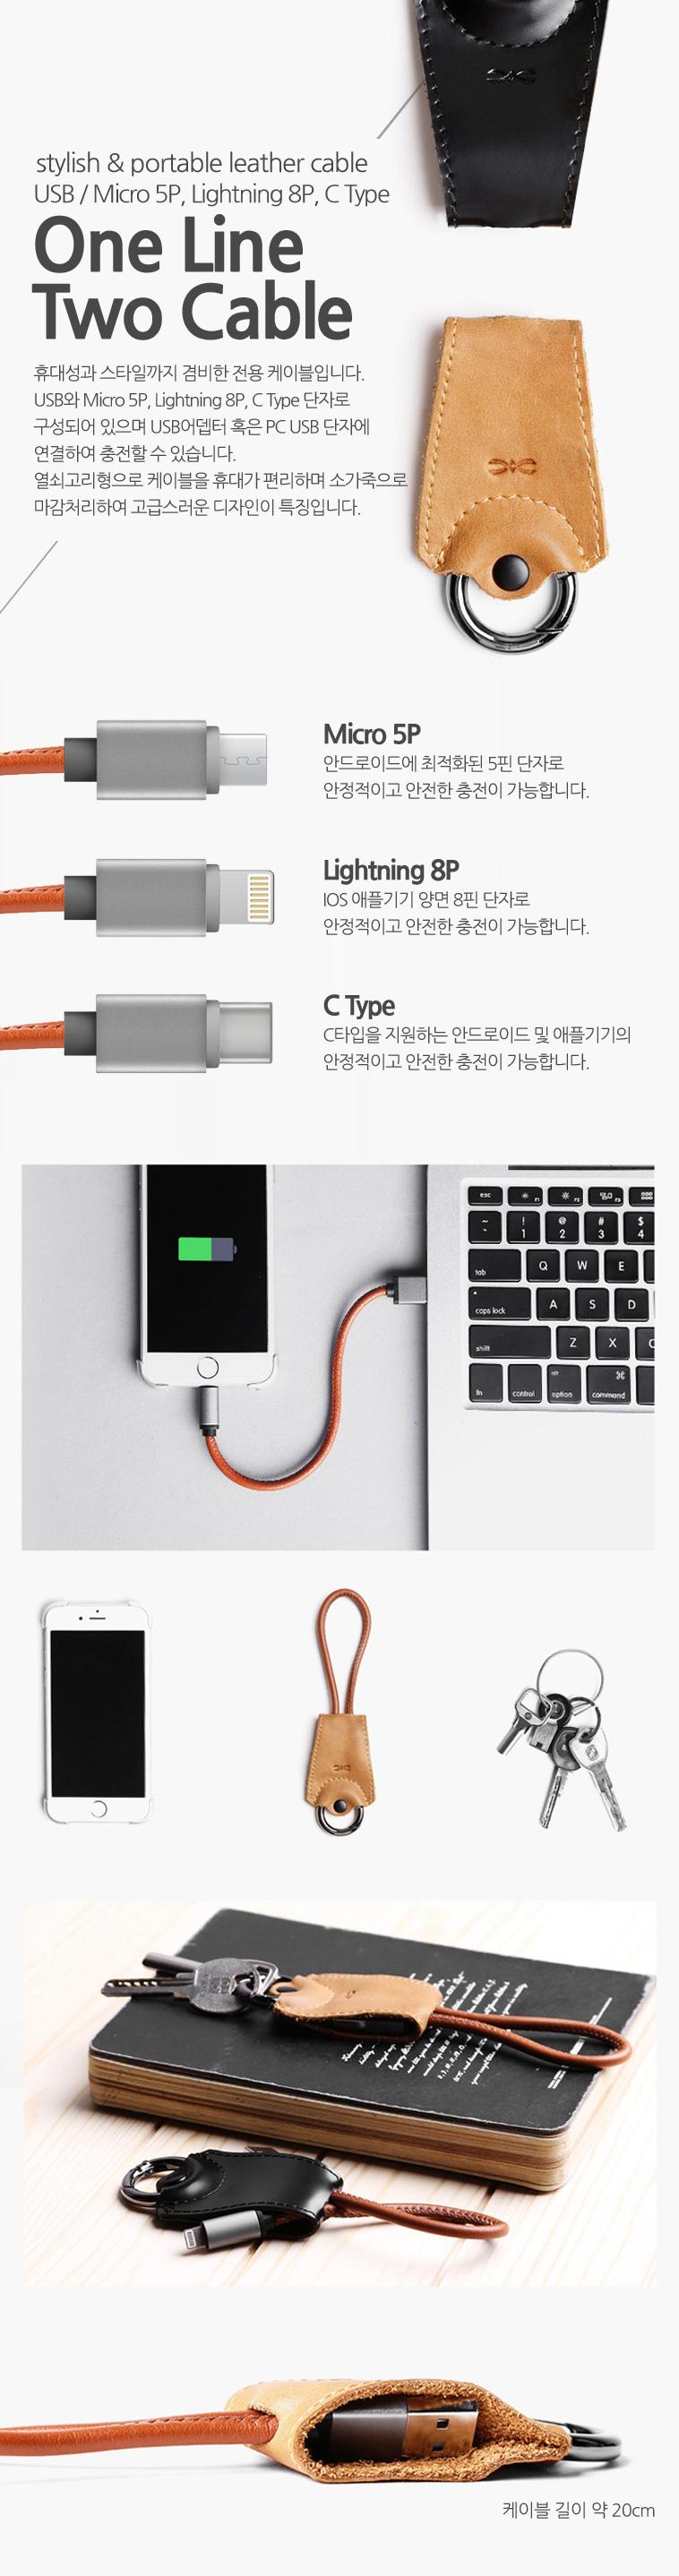 원라인 투케이블 리얼가죽 열쇠고리 - 소소일상, 19,500원, 케이블, 멀티케이블